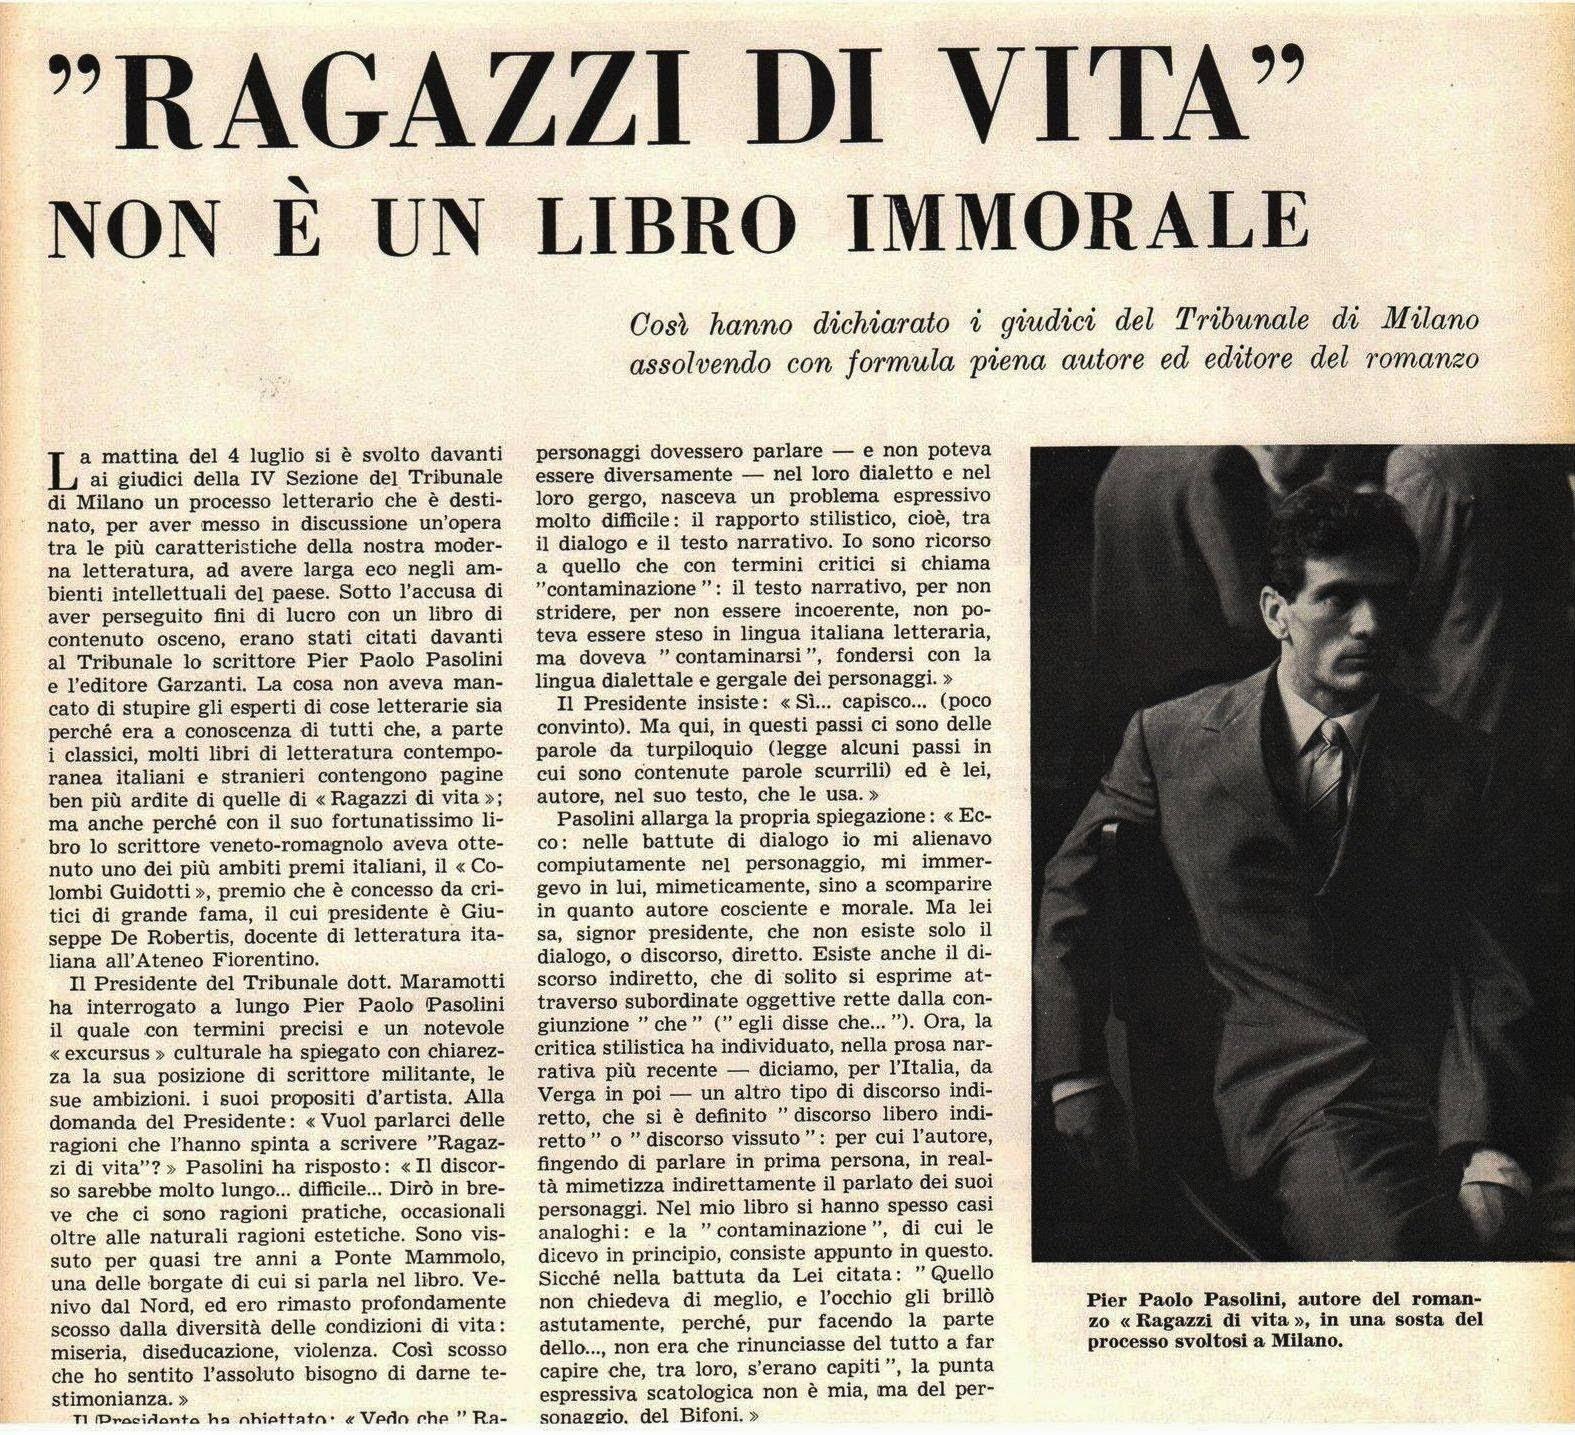 Ragazzi di vita - Libro - Pasolini - giornale